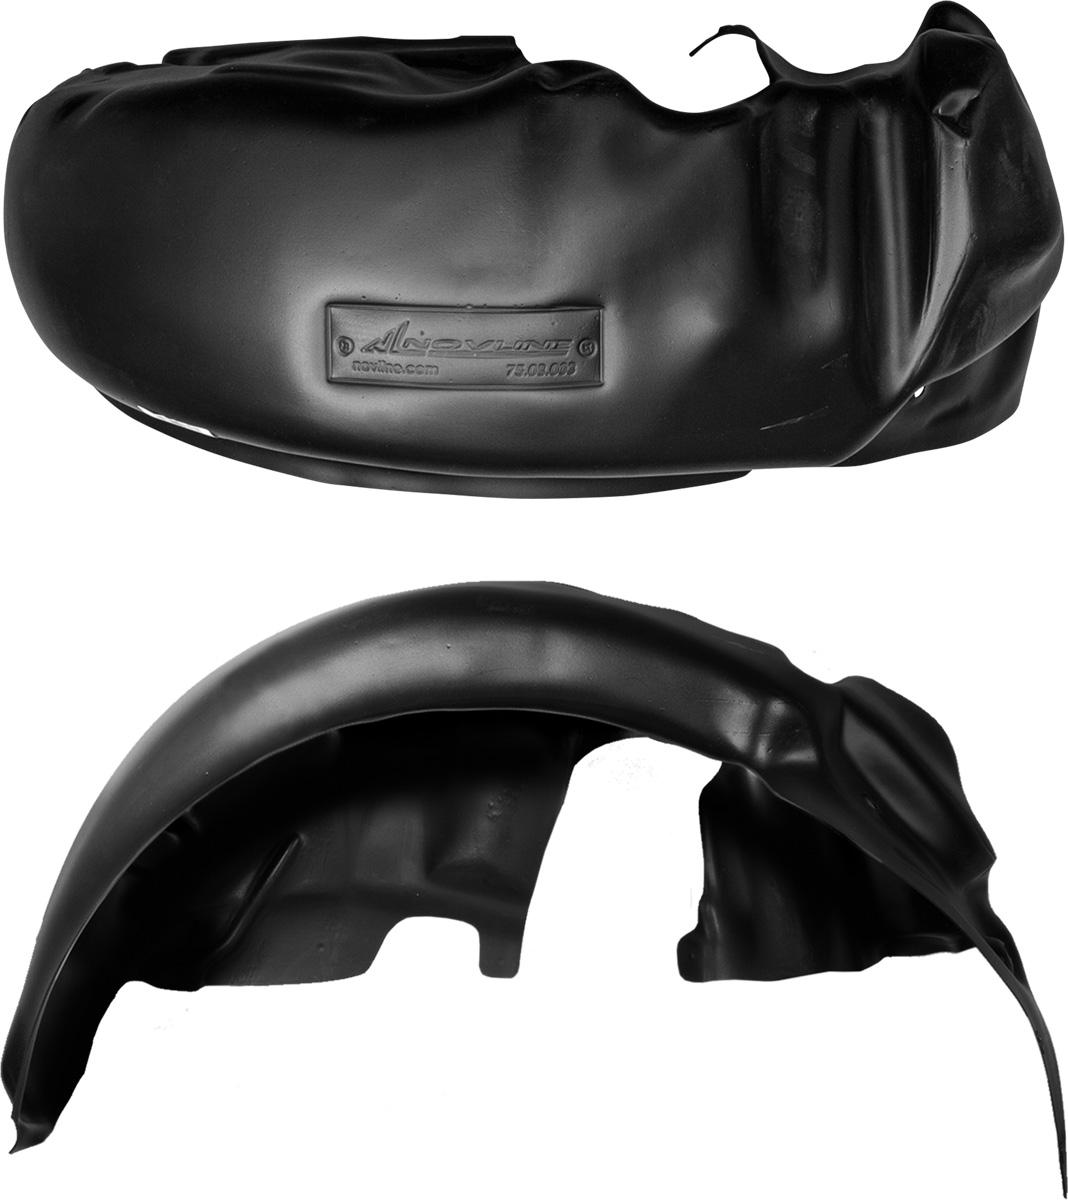 Подкрылок FIAT Ducato, 2012->, передний правыйNLL.15.11.002Колесные ниши – одни из самых уязвимых зон днища вашего автомобиля. Они постоянно подвергаются воздействию со стороны дороги. Лучшая, почти абсолютная защита для них - специально отформованные пластиковые кожухи, которые называются подкрылками, или локерами. Производятся они как для отечественных моделей автомобилей, так и для иномарок. Подкрылки выполнены из высококачественного, экологически чистого пластика. Обеспечивают надежную защиту кузова автомобиля от пескоструйного эффекта и негативного влияния, агрессивных антигололедных реагентов. Пластик обладает более низкой теплопроводностью, чем металл, поэтому в зимний период эксплуатации использование пластиковых подкрылков позволяет лучше защитить колесные ниши от налипания снега и образования наледи. Оригинальность конструкции подчеркивает элегантность автомобиля, бережно защищает нанесенное на днище кузова антикоррозийное покрытие и позволяет осуществить крепление подкрылков внутри колесной арки практически без дополнительного крепежа и сверления, не нарушая при этом лакокрасочного покрытия, что предотвращает возникновение новых очагов коррозии. Технология крепления подкрылков на иномарки принципиально отличается от крепления на российские автомобили и разрабатывается индивидуально для каждой модели автомобиля. Подкрылки долговечны, обладают высокой прочностью и сохраняют заданную форму, а также все свои физико-механические характеристики в самых тяжелых климатических условиях ( от -50° С до + 50° С).